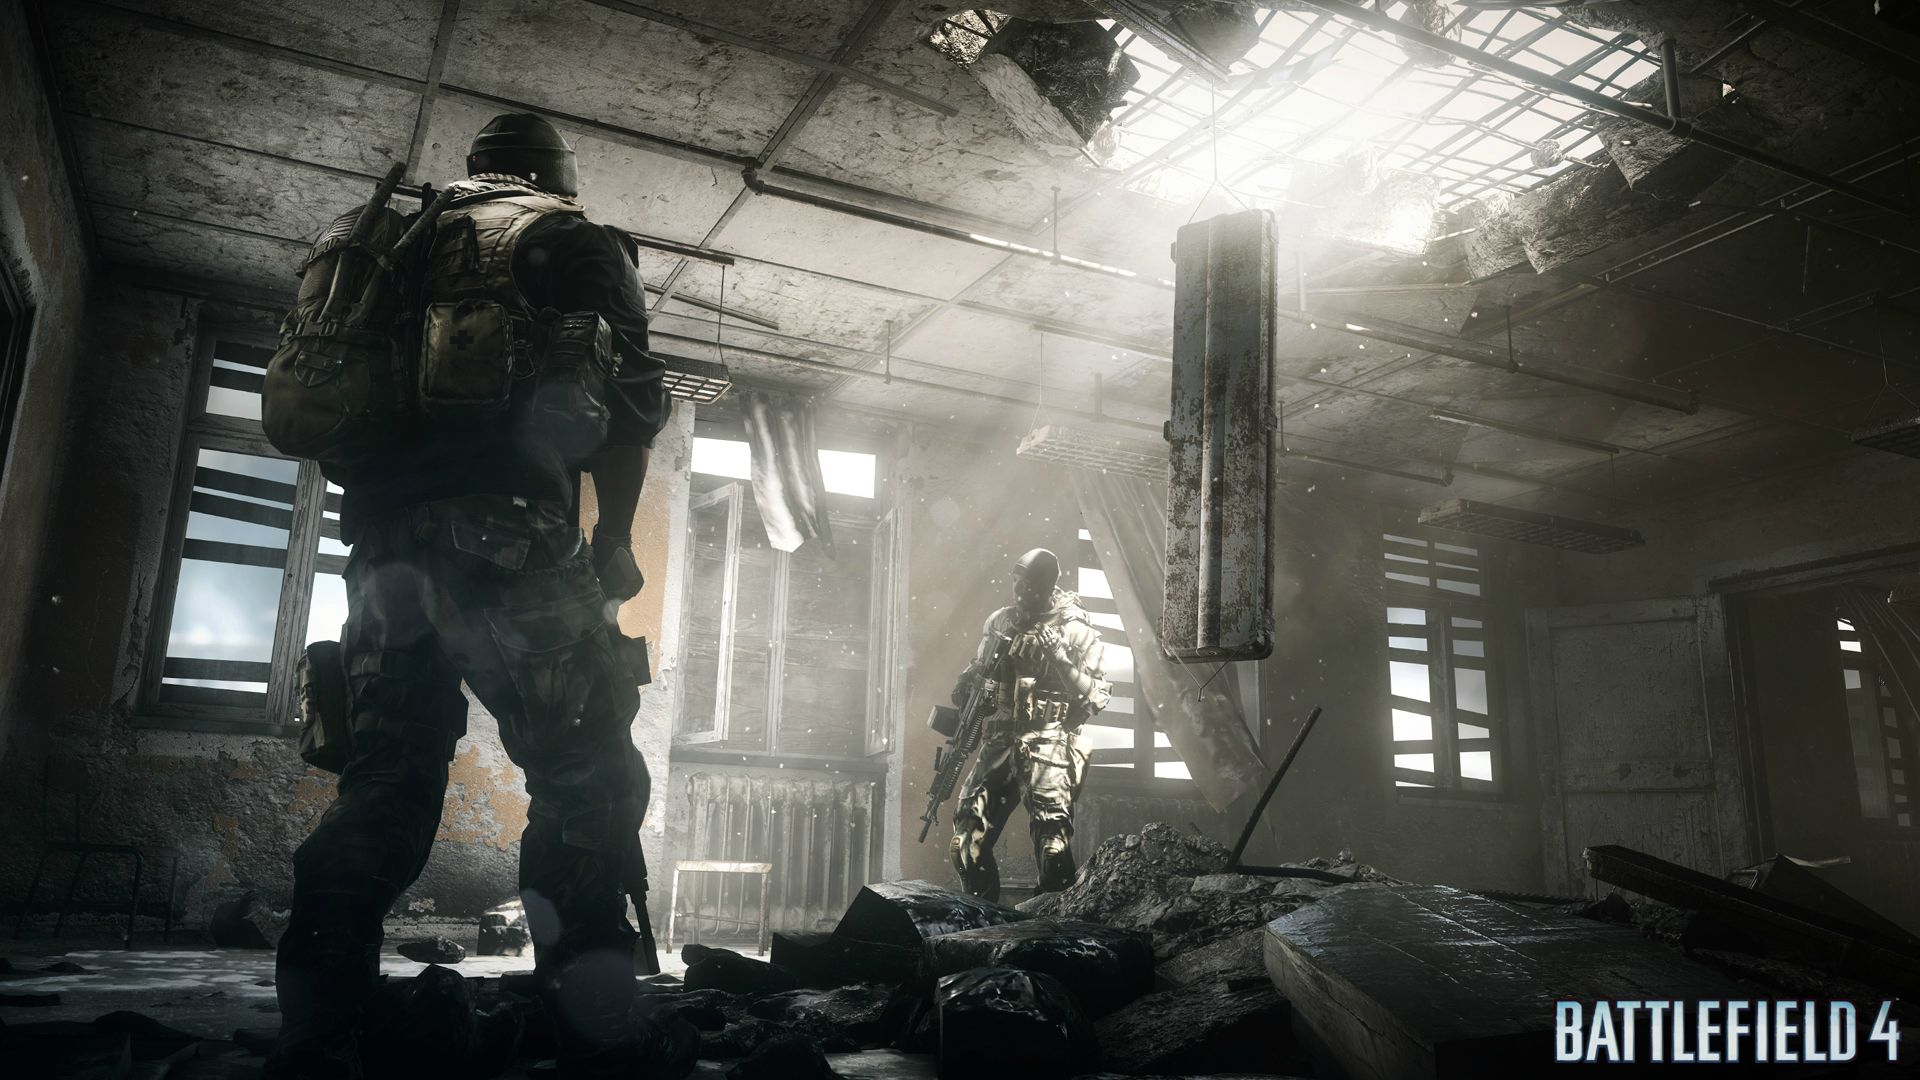 Battlefield 4 Screenshot 2 Battlefield 4 erscheint in Deutschland ungeschnitten ab 18 Jahren